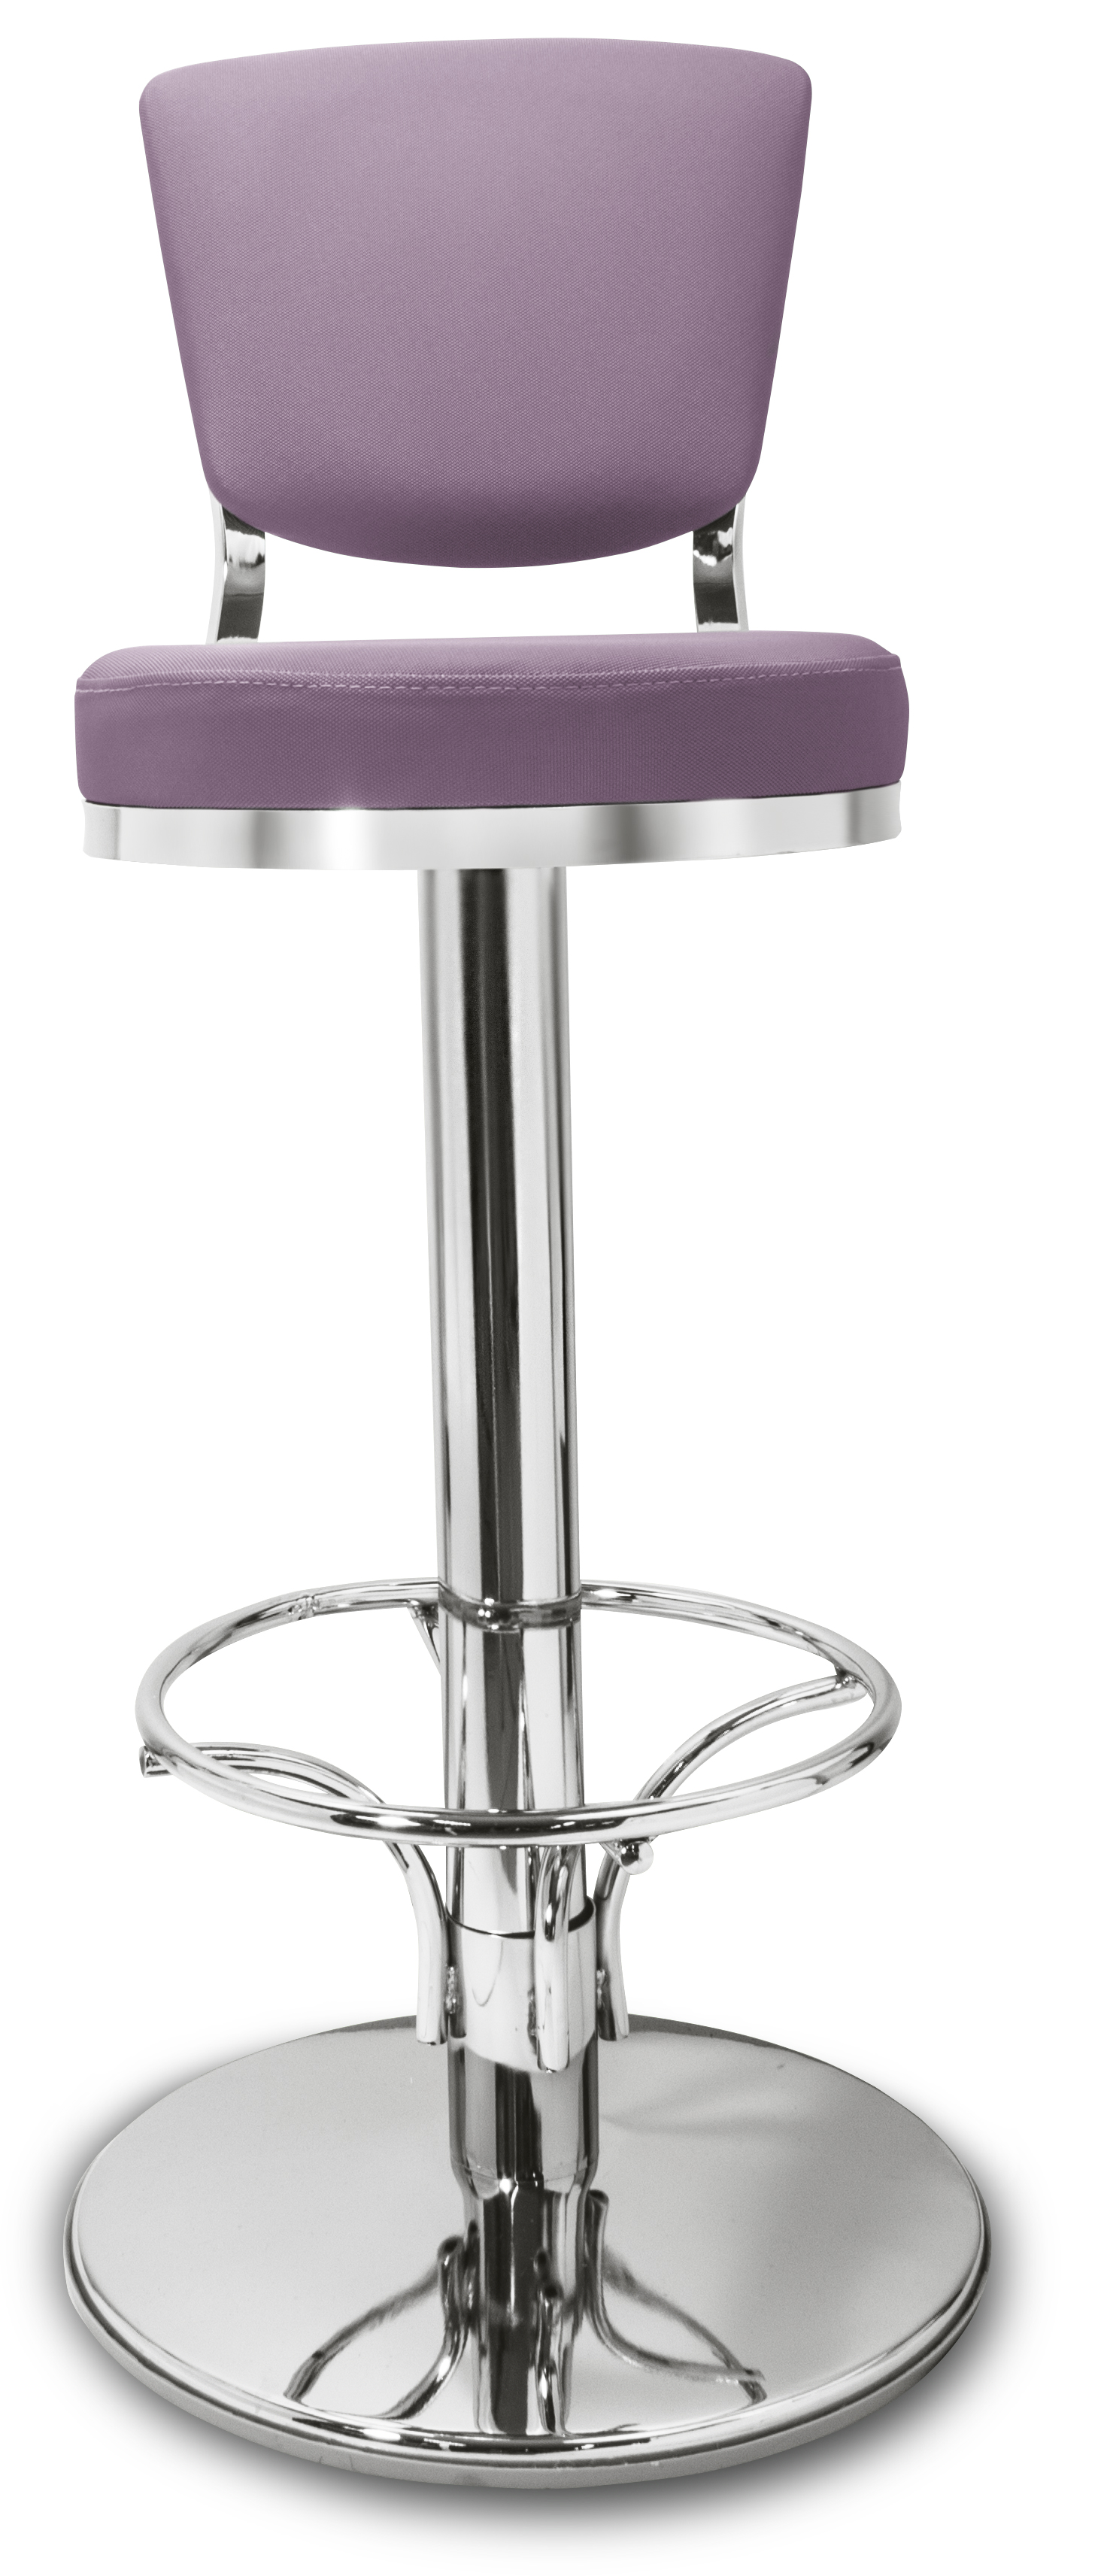 gastronomie cafe barhocker lindo flieder mit r ckenlehne m bel star. Black Bedroom Furniture Sets. Home Design Ideas